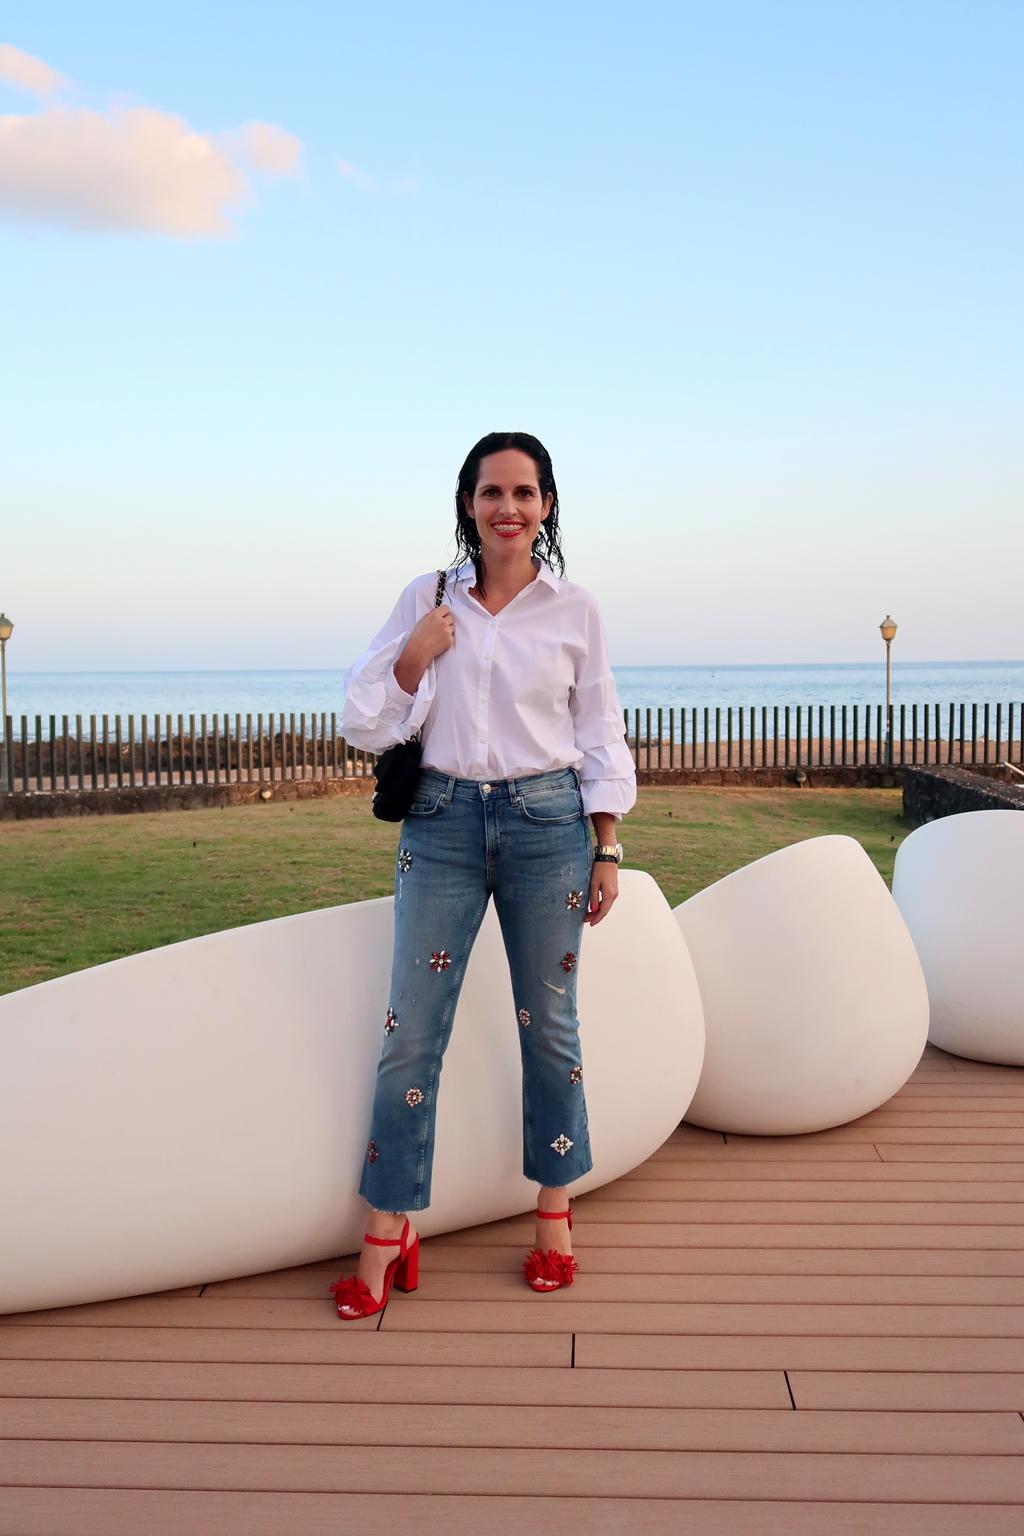 zara-jeans-joya-outfit-look-personal-shopper